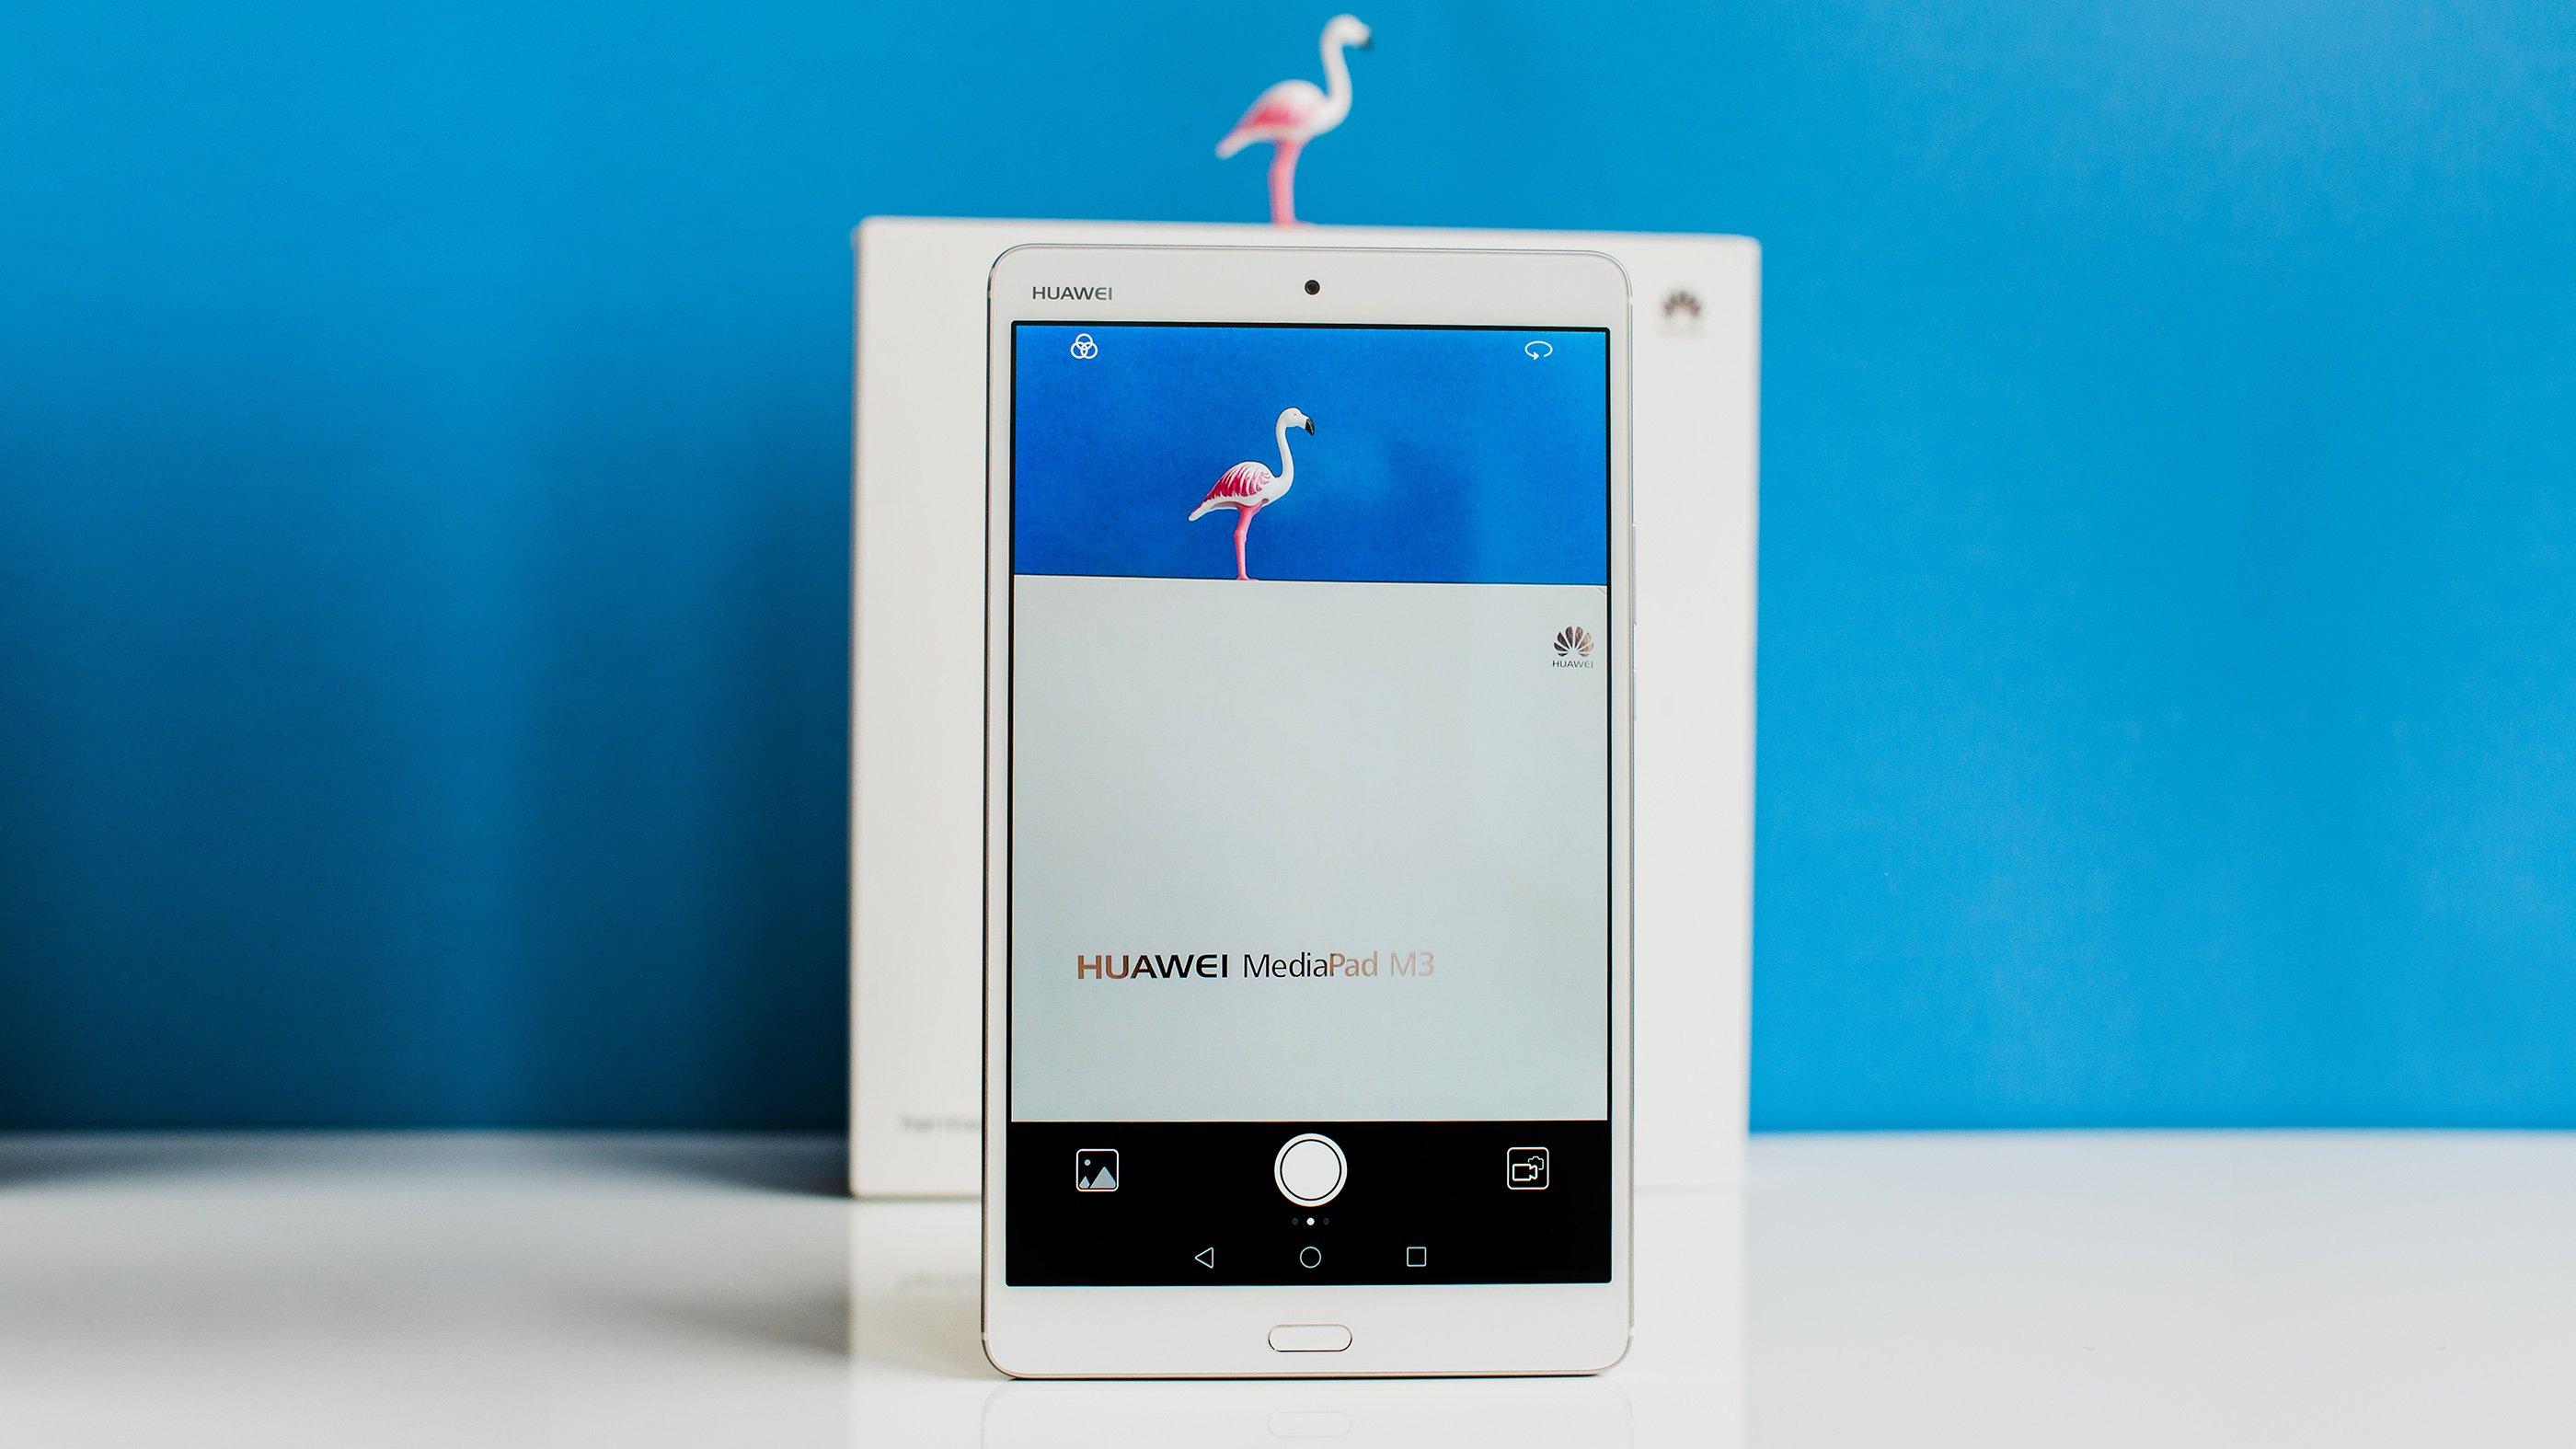 Test de la Huawei MediaPad M3 : un sérieux concurrent pour l'iPad Mini ? - Tests d'appareils Android